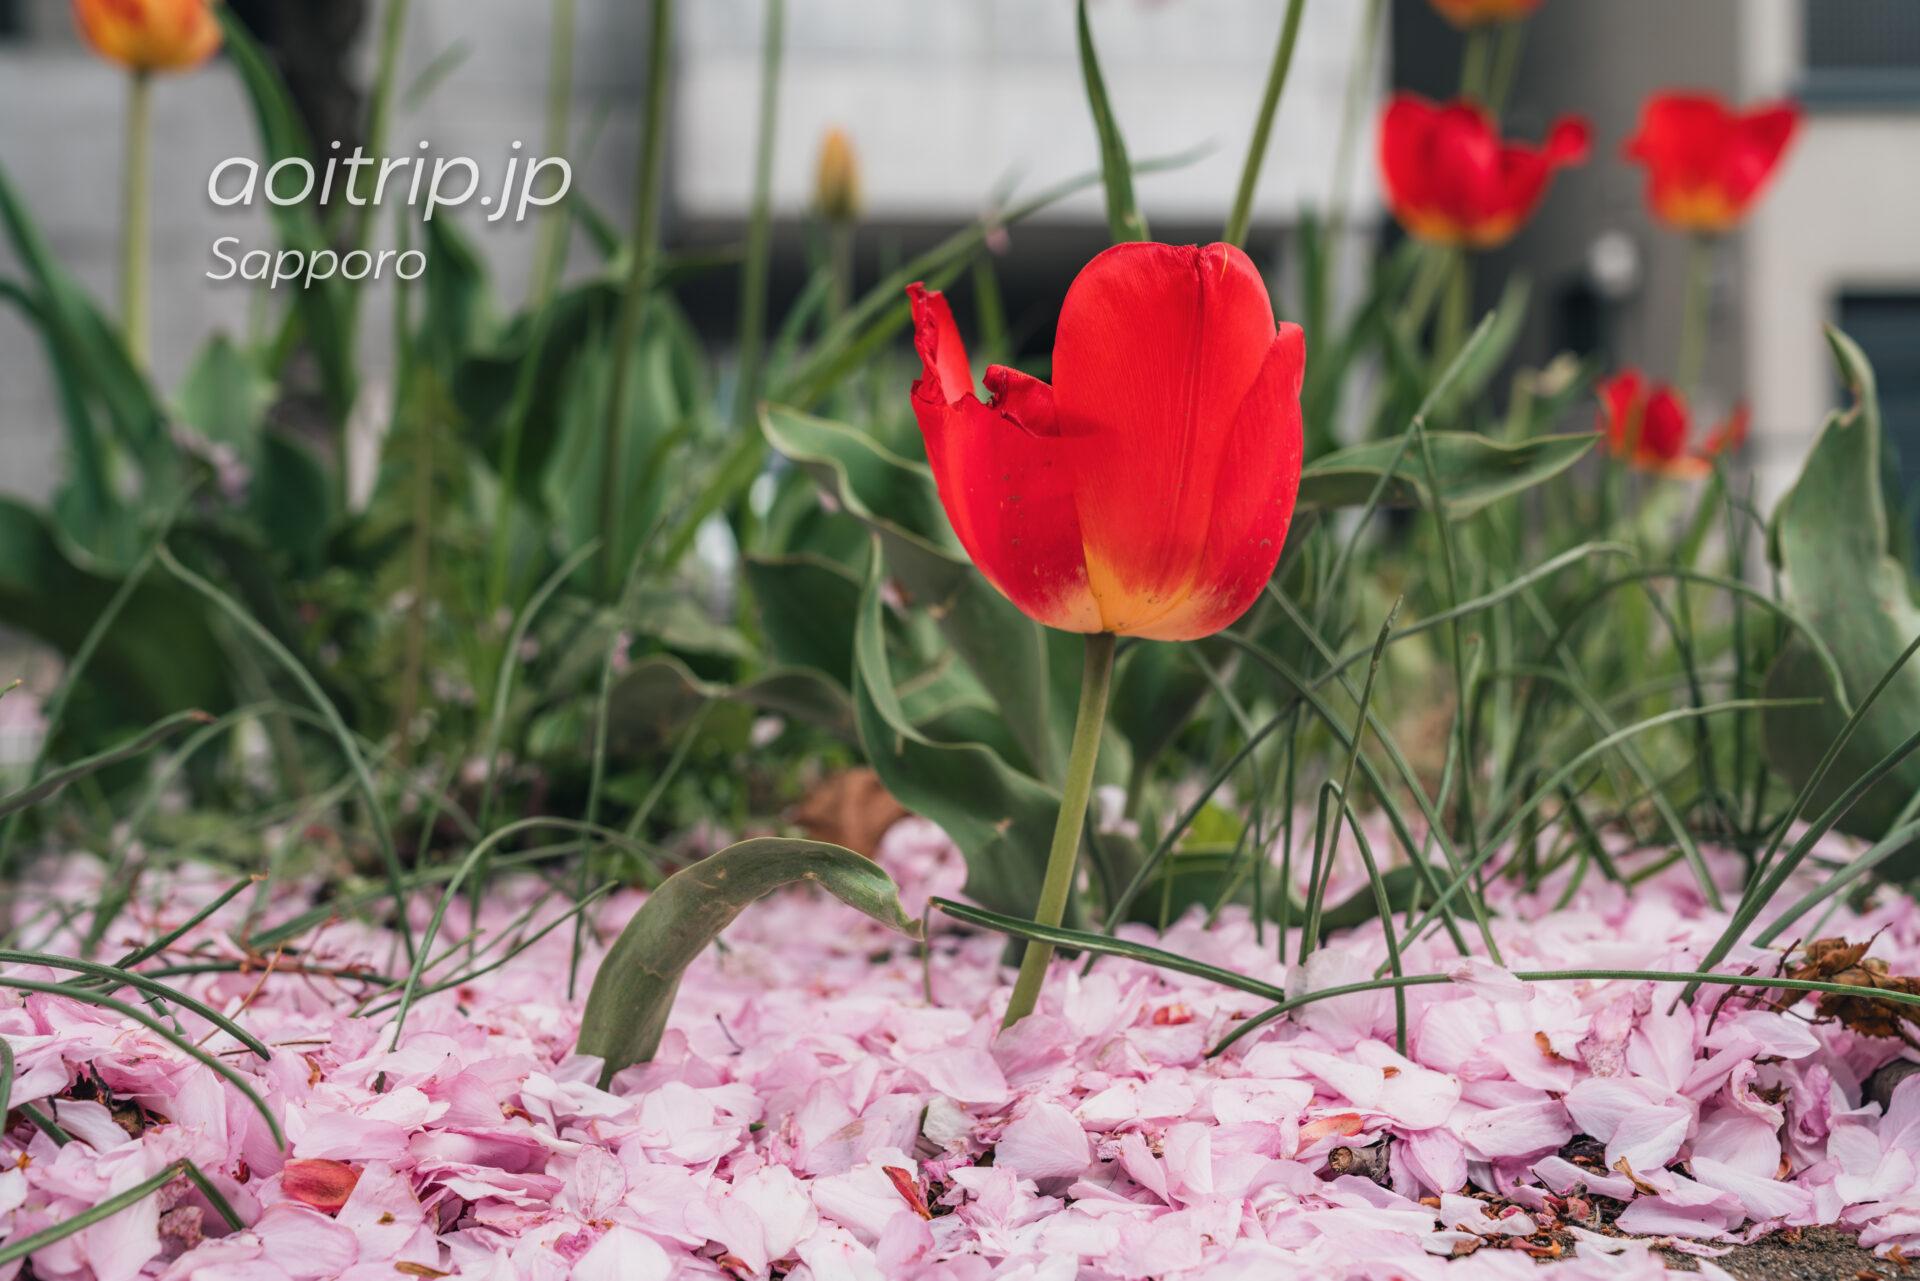 札幌 南4条線の八重桜の散った花びらの絨毯と沿道に咲くチューリップ